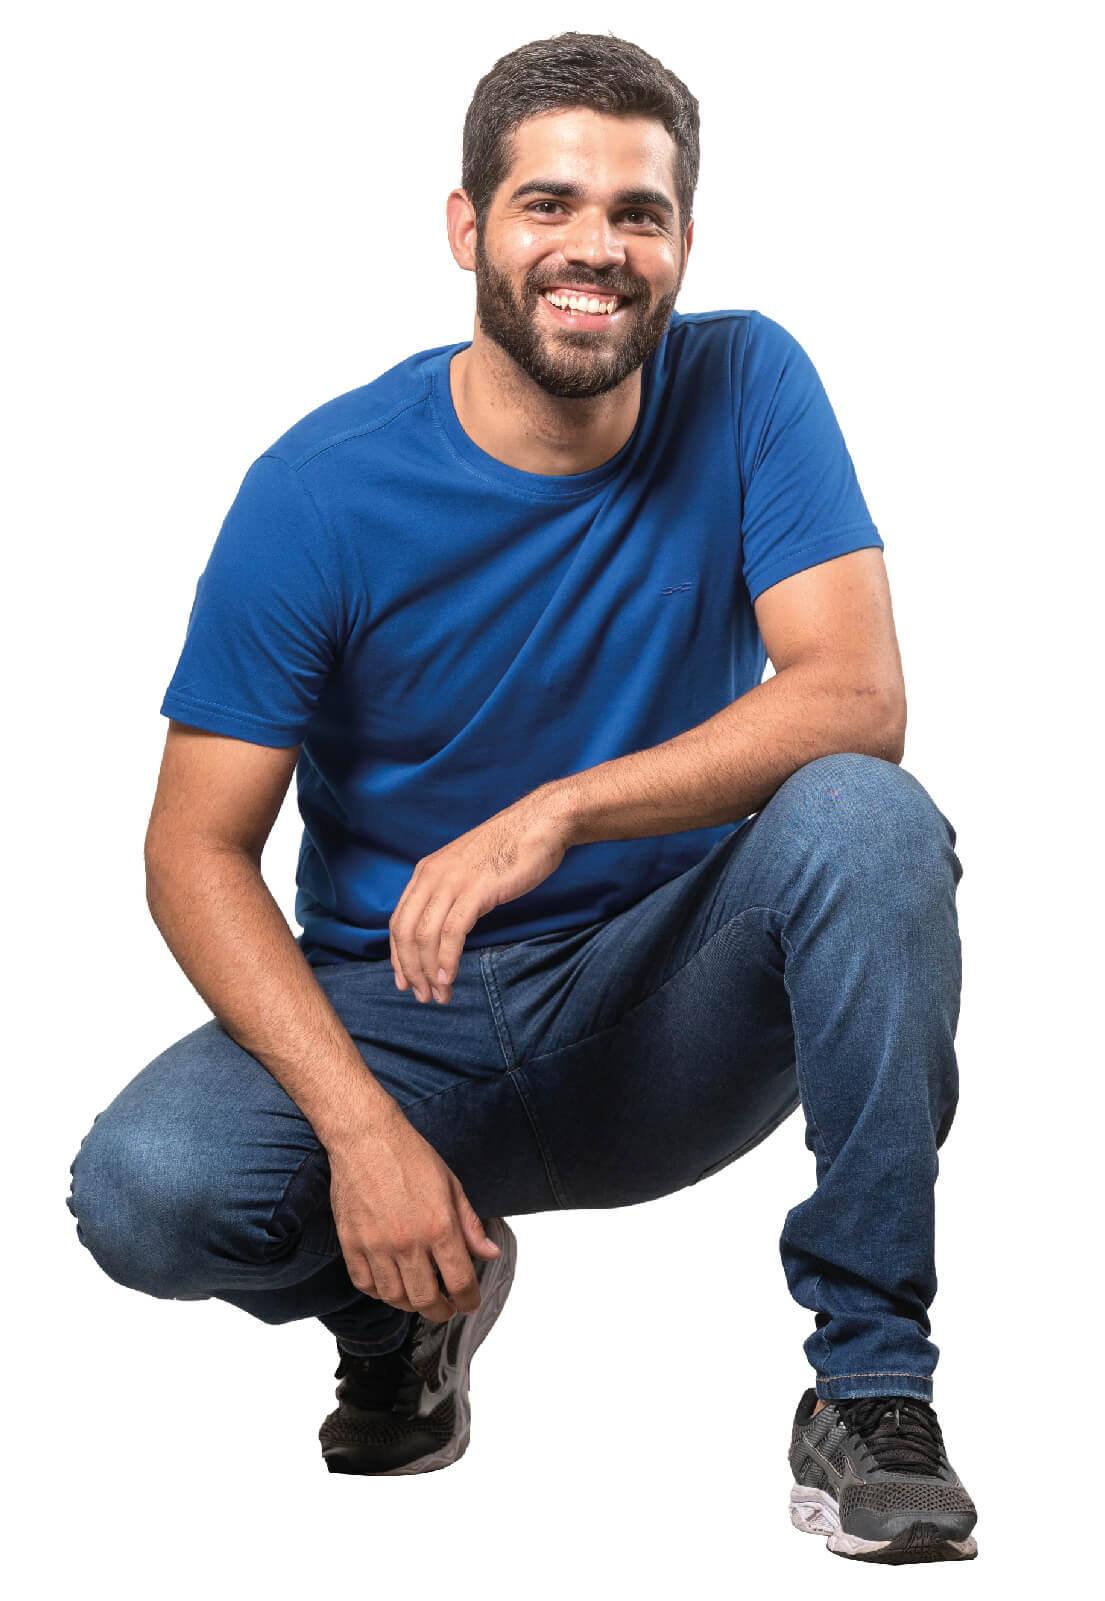 Camiseta Masculina 100% Algodão Super Premium, Na Cor Azul Marinho